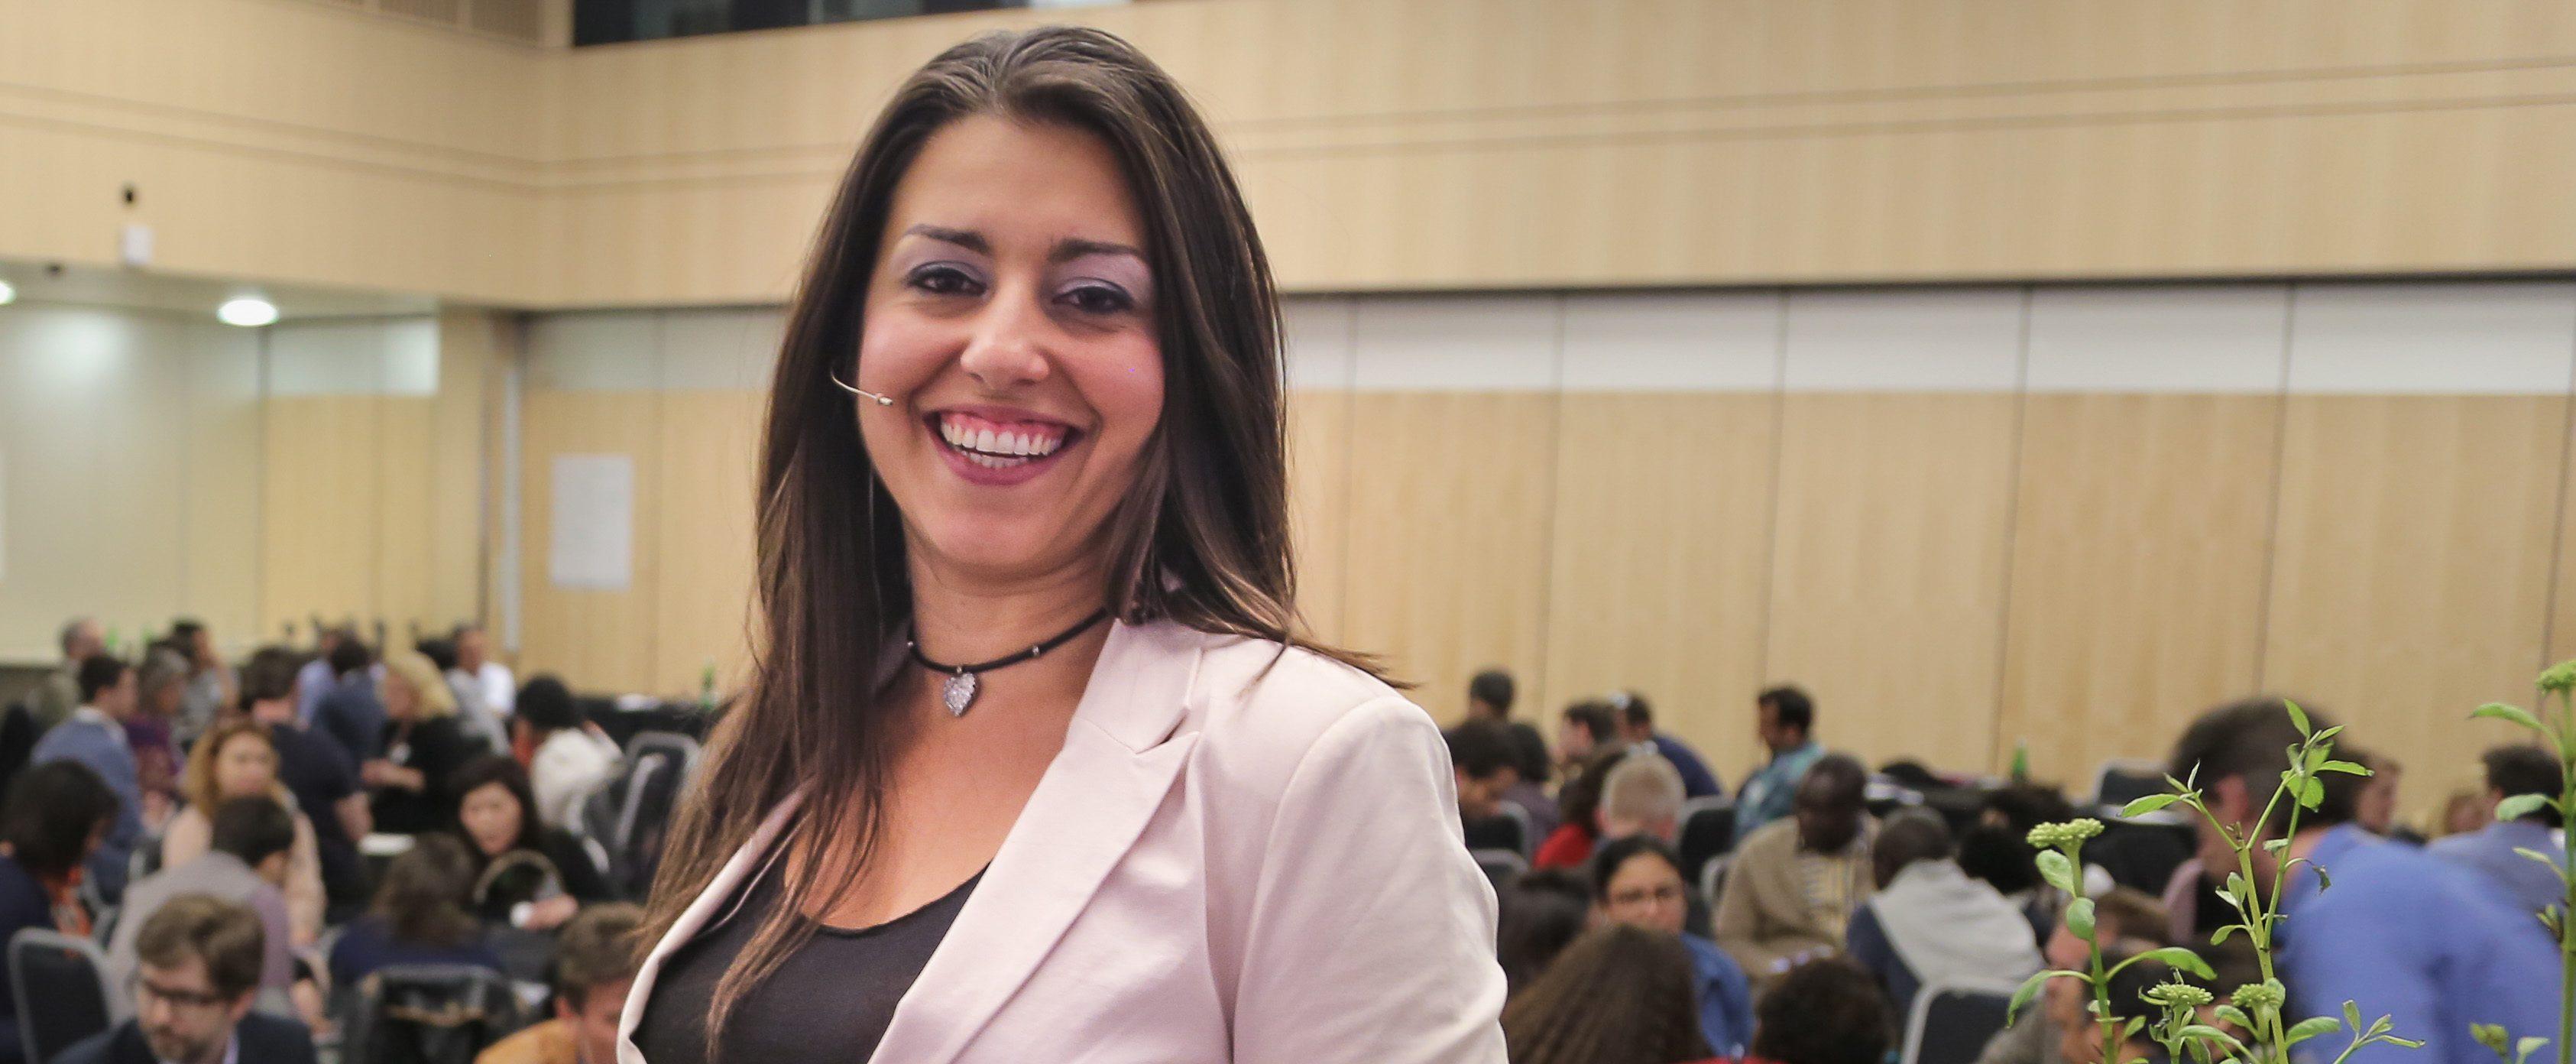 Alessia Minkus